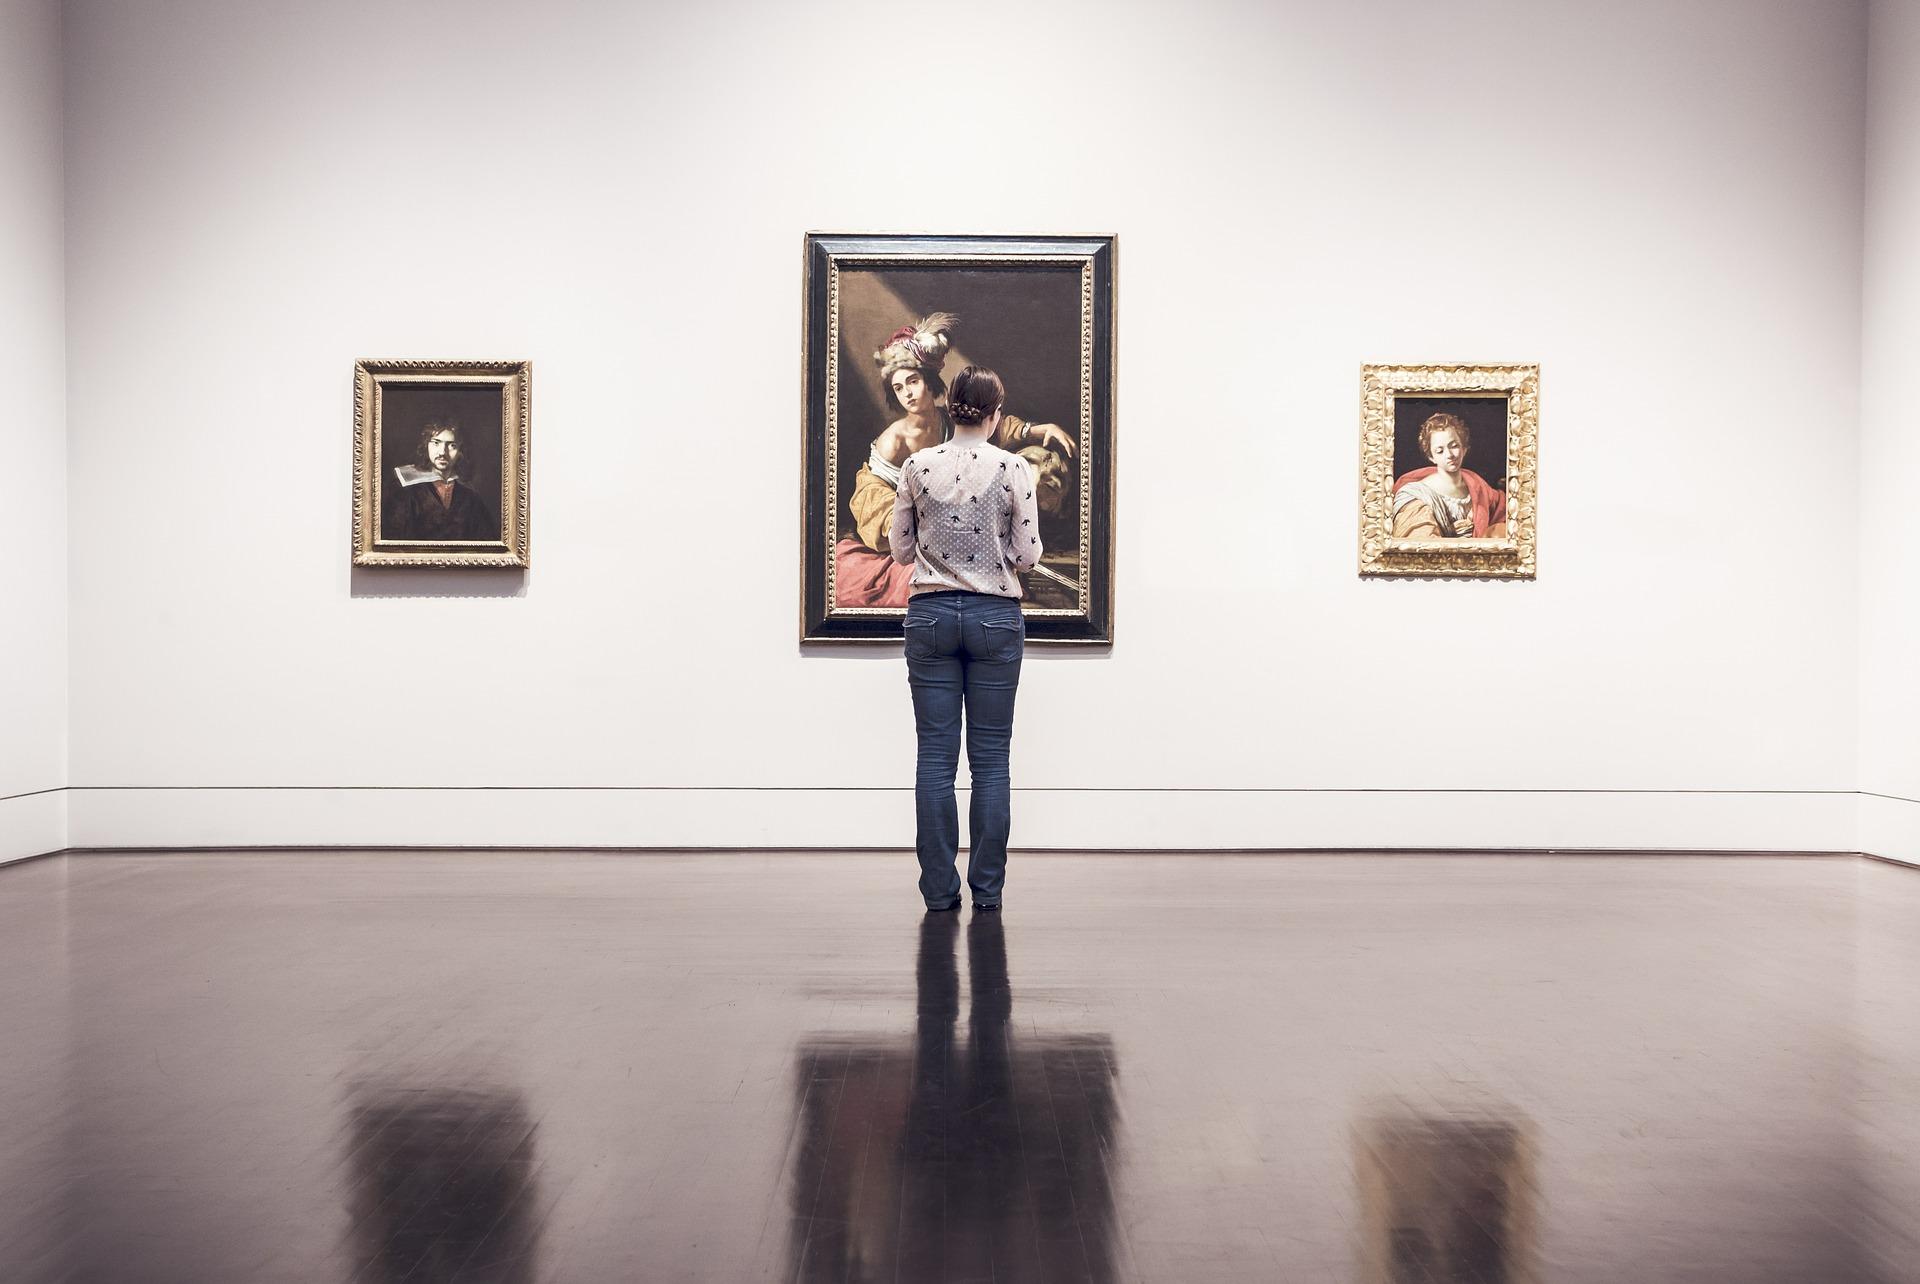 Foto de uma moça com blusa cinza e calça jeans no meio de uma galeria com quadros de artes na parede branca e chão de madeira. Imagem ilustrativa para texto seguro obras de arte.